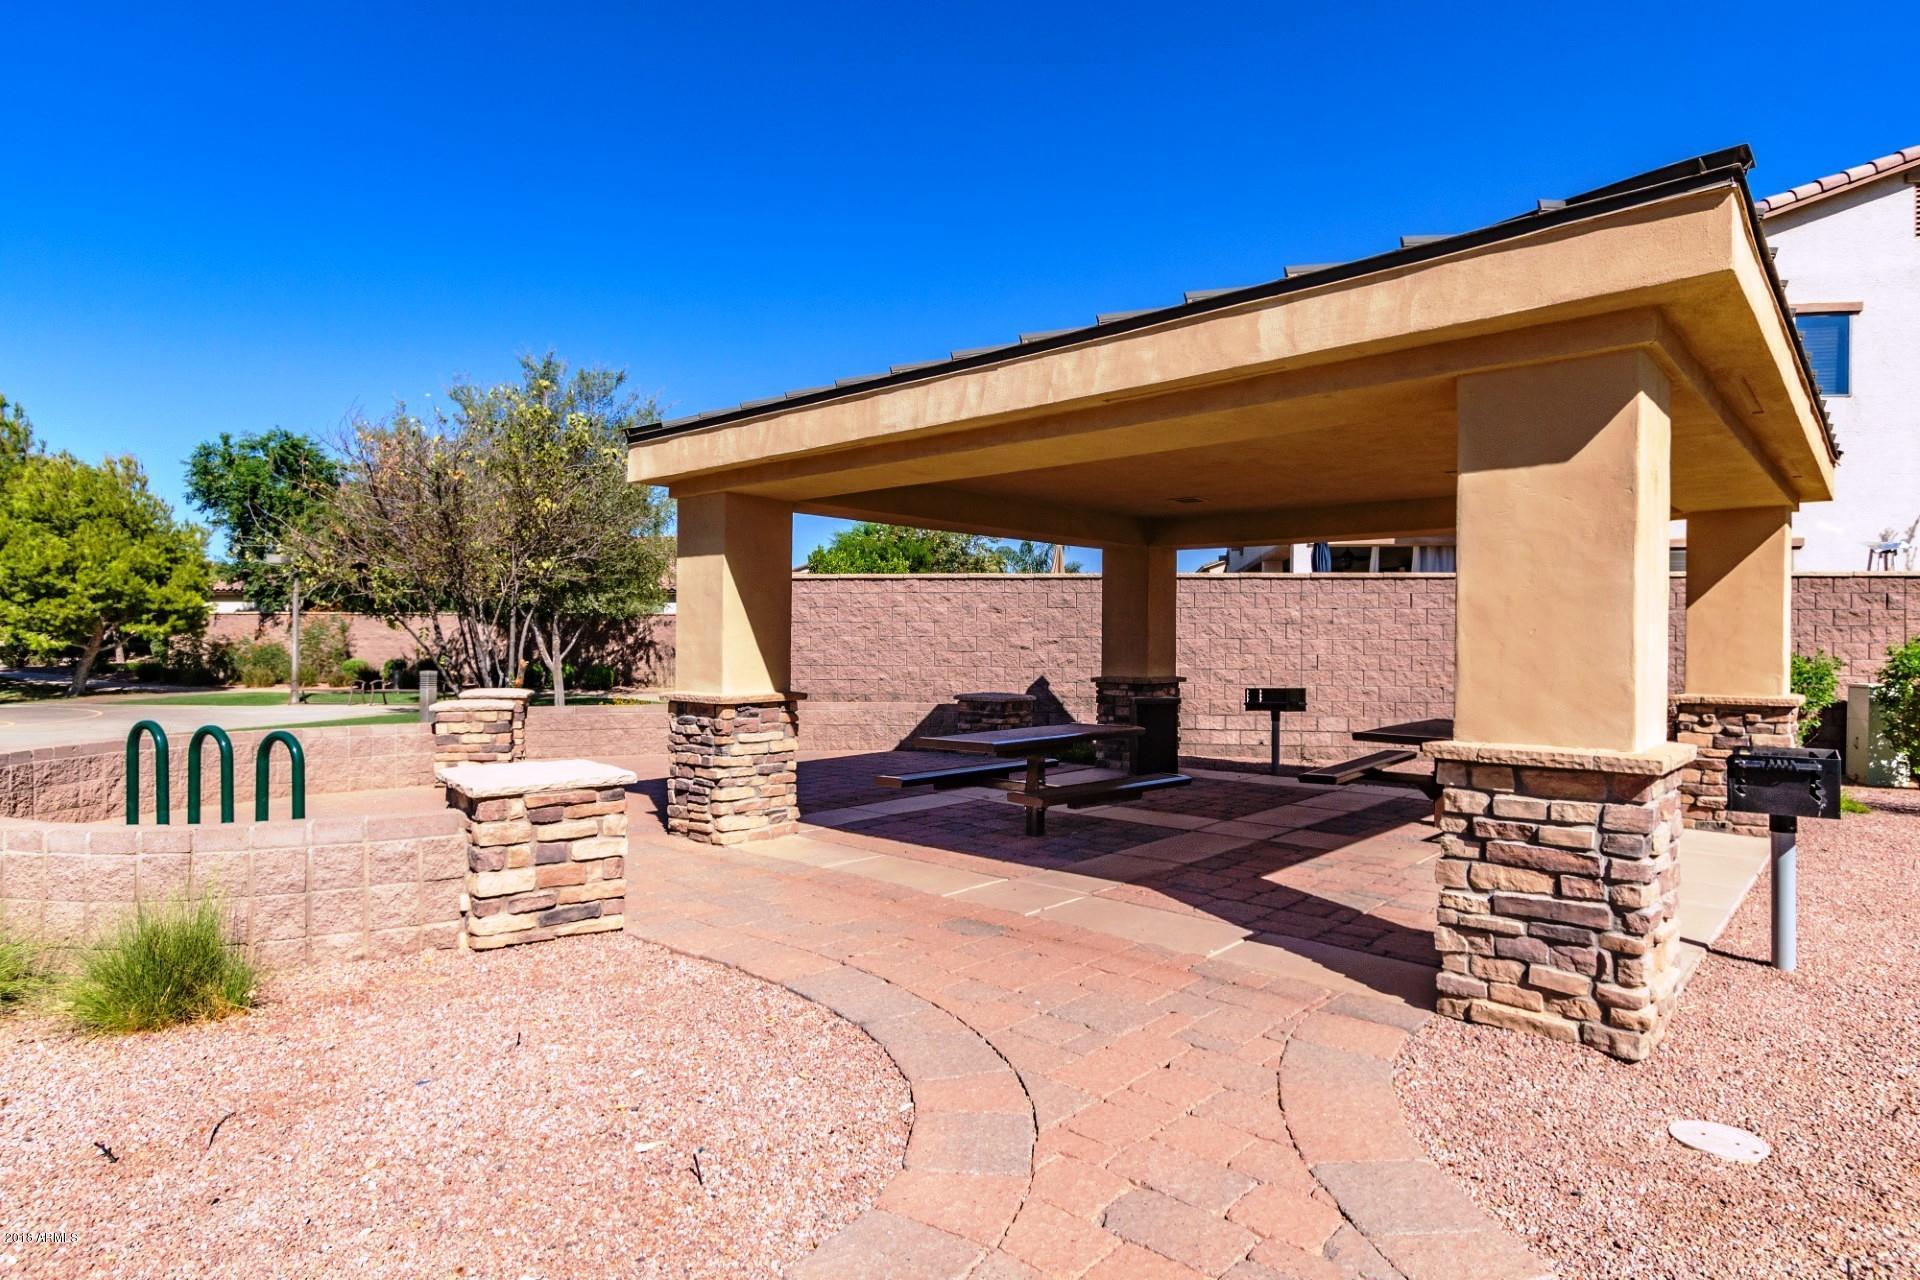 MLS 5820090 2603 E DONATO Drive, Gilbert, AZ 85298 Gilbert AZ Freeman Farms